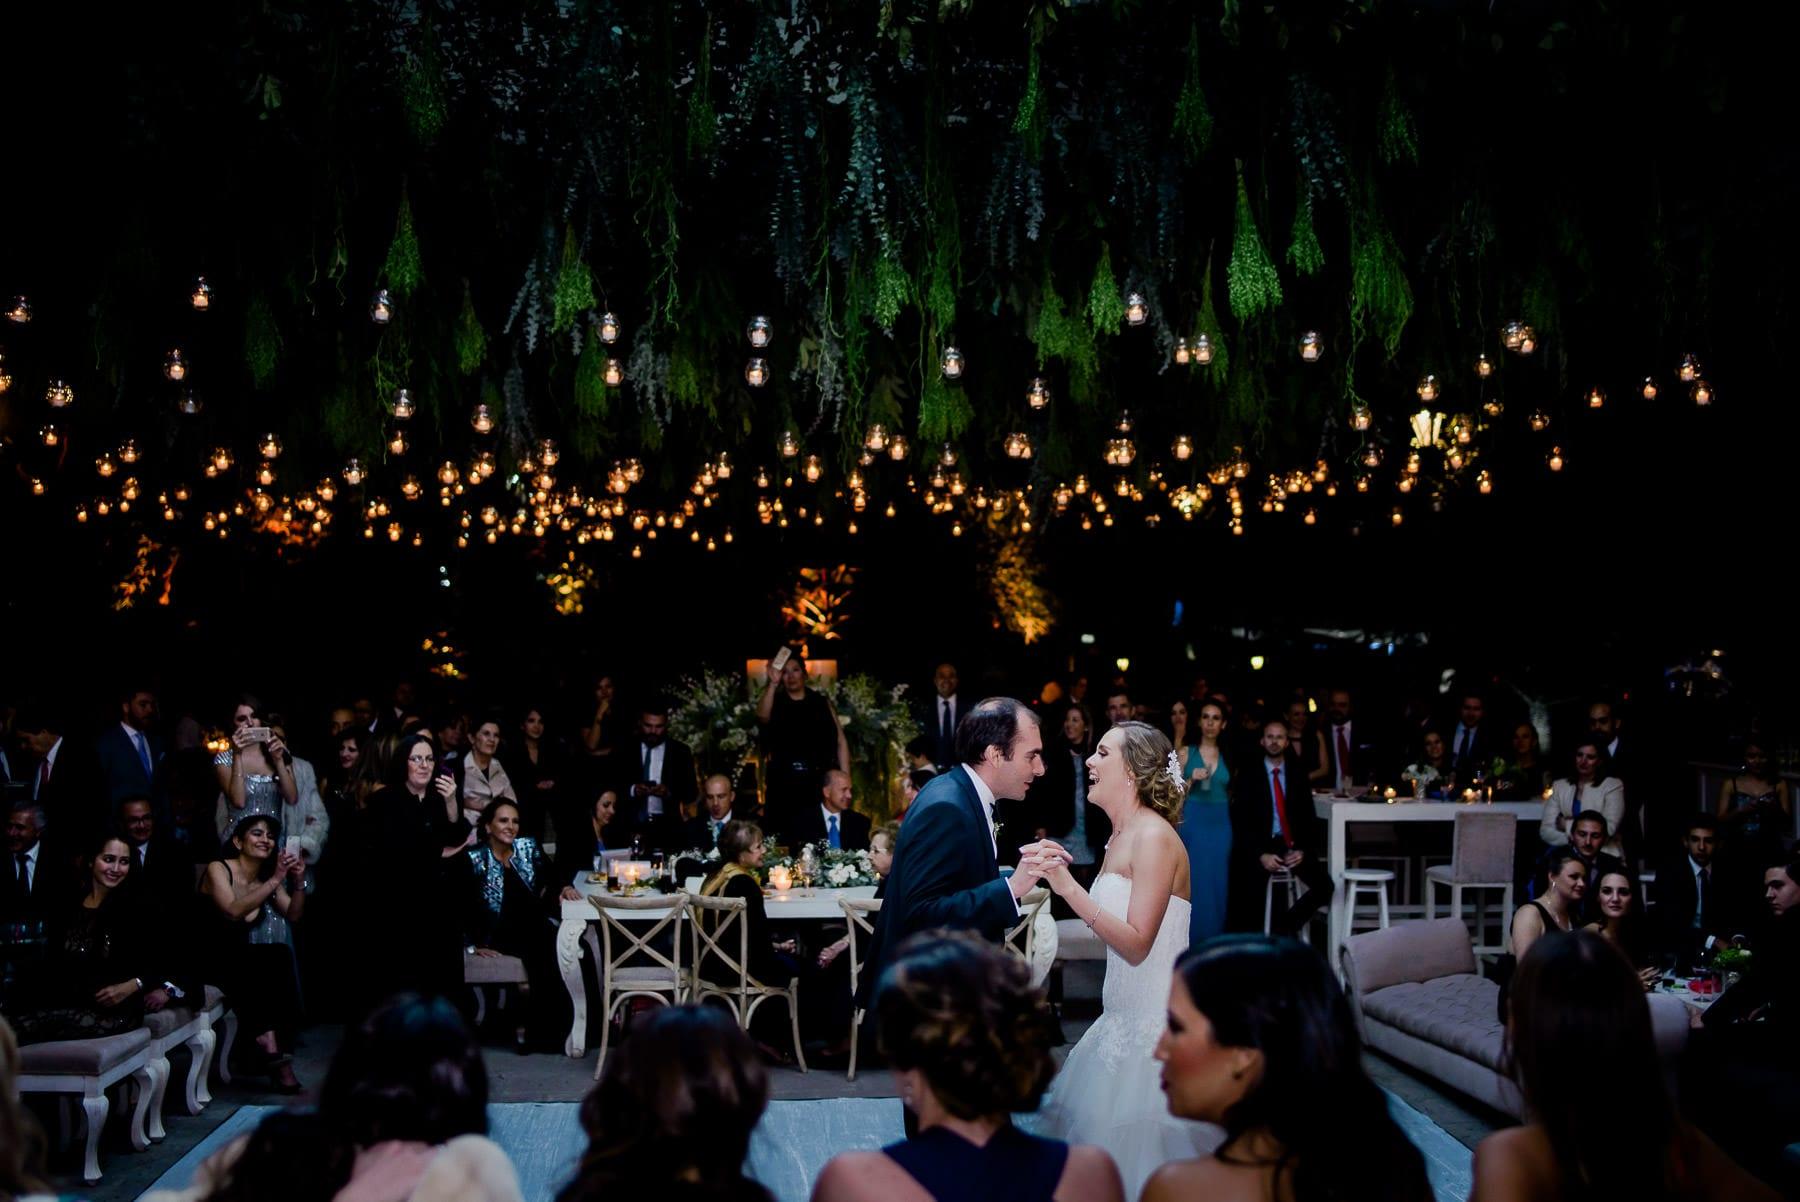 fotografo-de-bodas-en-queretaro-55